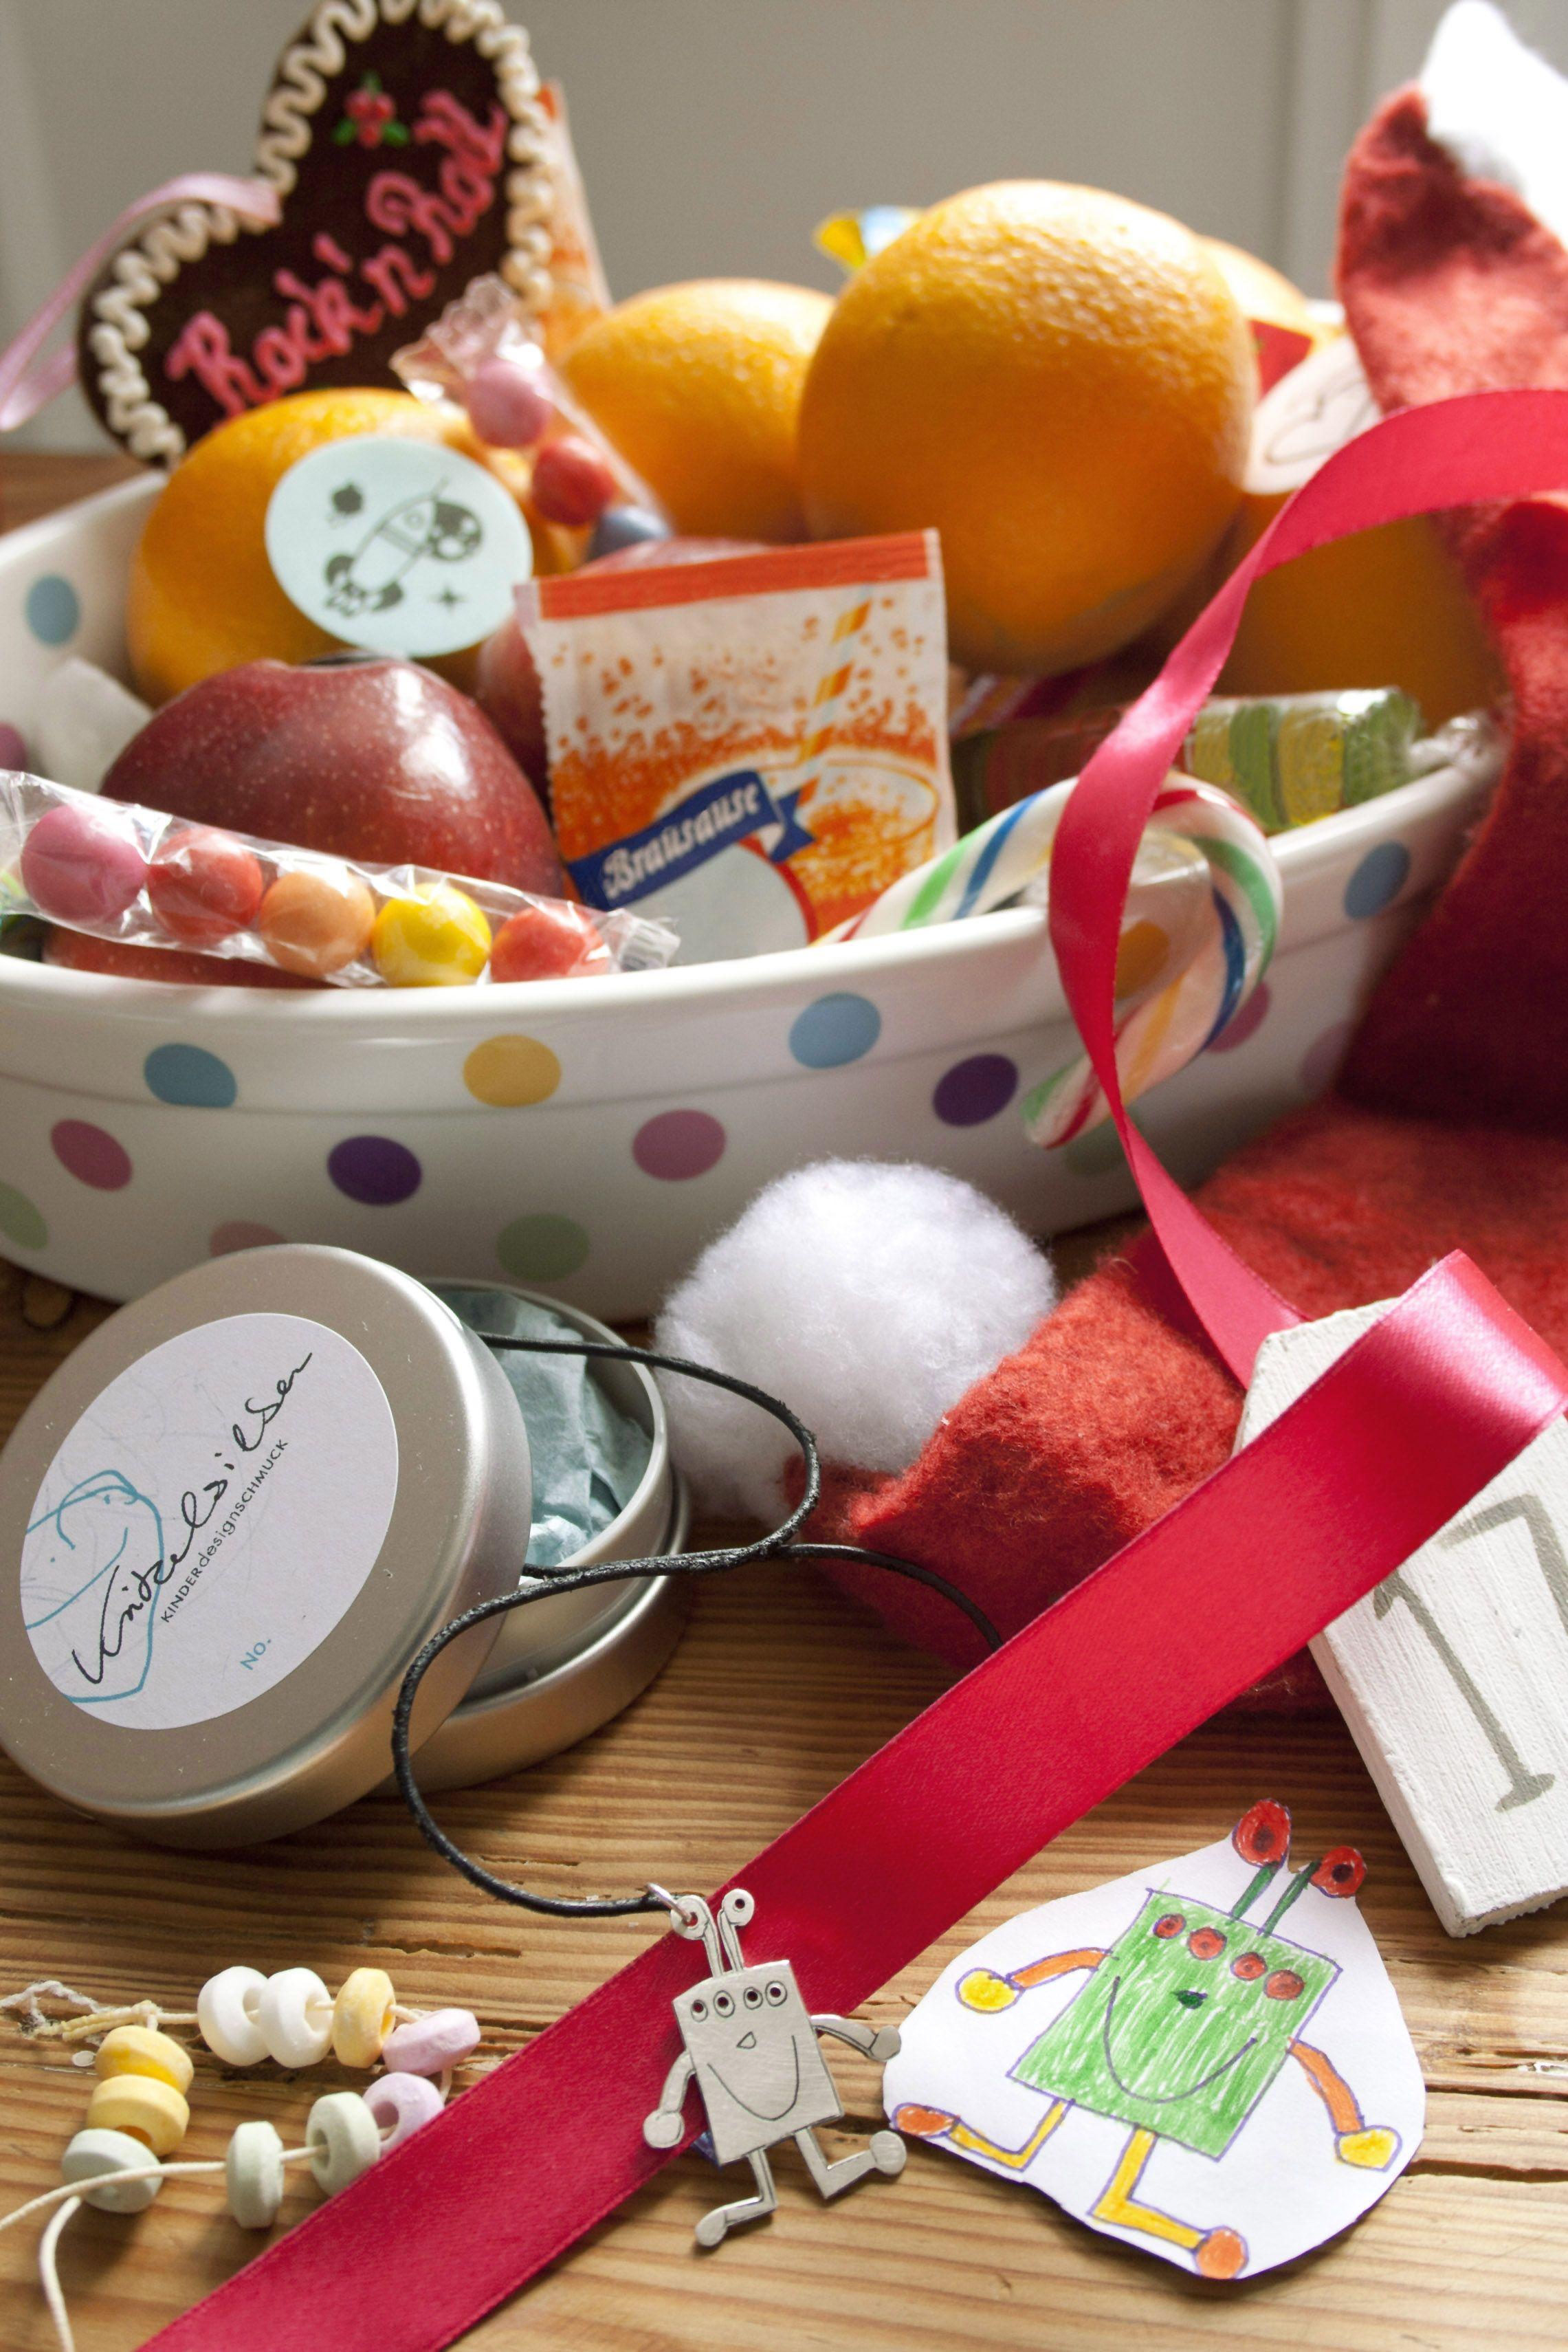 Weihnachten mit Kritzelsilber rockt ... und ist knallebunt!  #Schmuck #Silberschmuck #Kinderzeichnung #Kinderbild #Kunst #Design #Designschmuck #Kindermalerei #individualisierter #Unikat #Unikatschmuck #Kritzelei #Kinderschmuck #Weihnachtsgeschenk #Geschenk #Weihnachten #Silber #Kettenanhaenger #Silberanhaenger #Kinderkunst #Kette #Familie #Silver #Jewelery #Children #drawing #customized #individual #Family #Present #xmas #Monster #Roboter #robot #Monsterschmuck